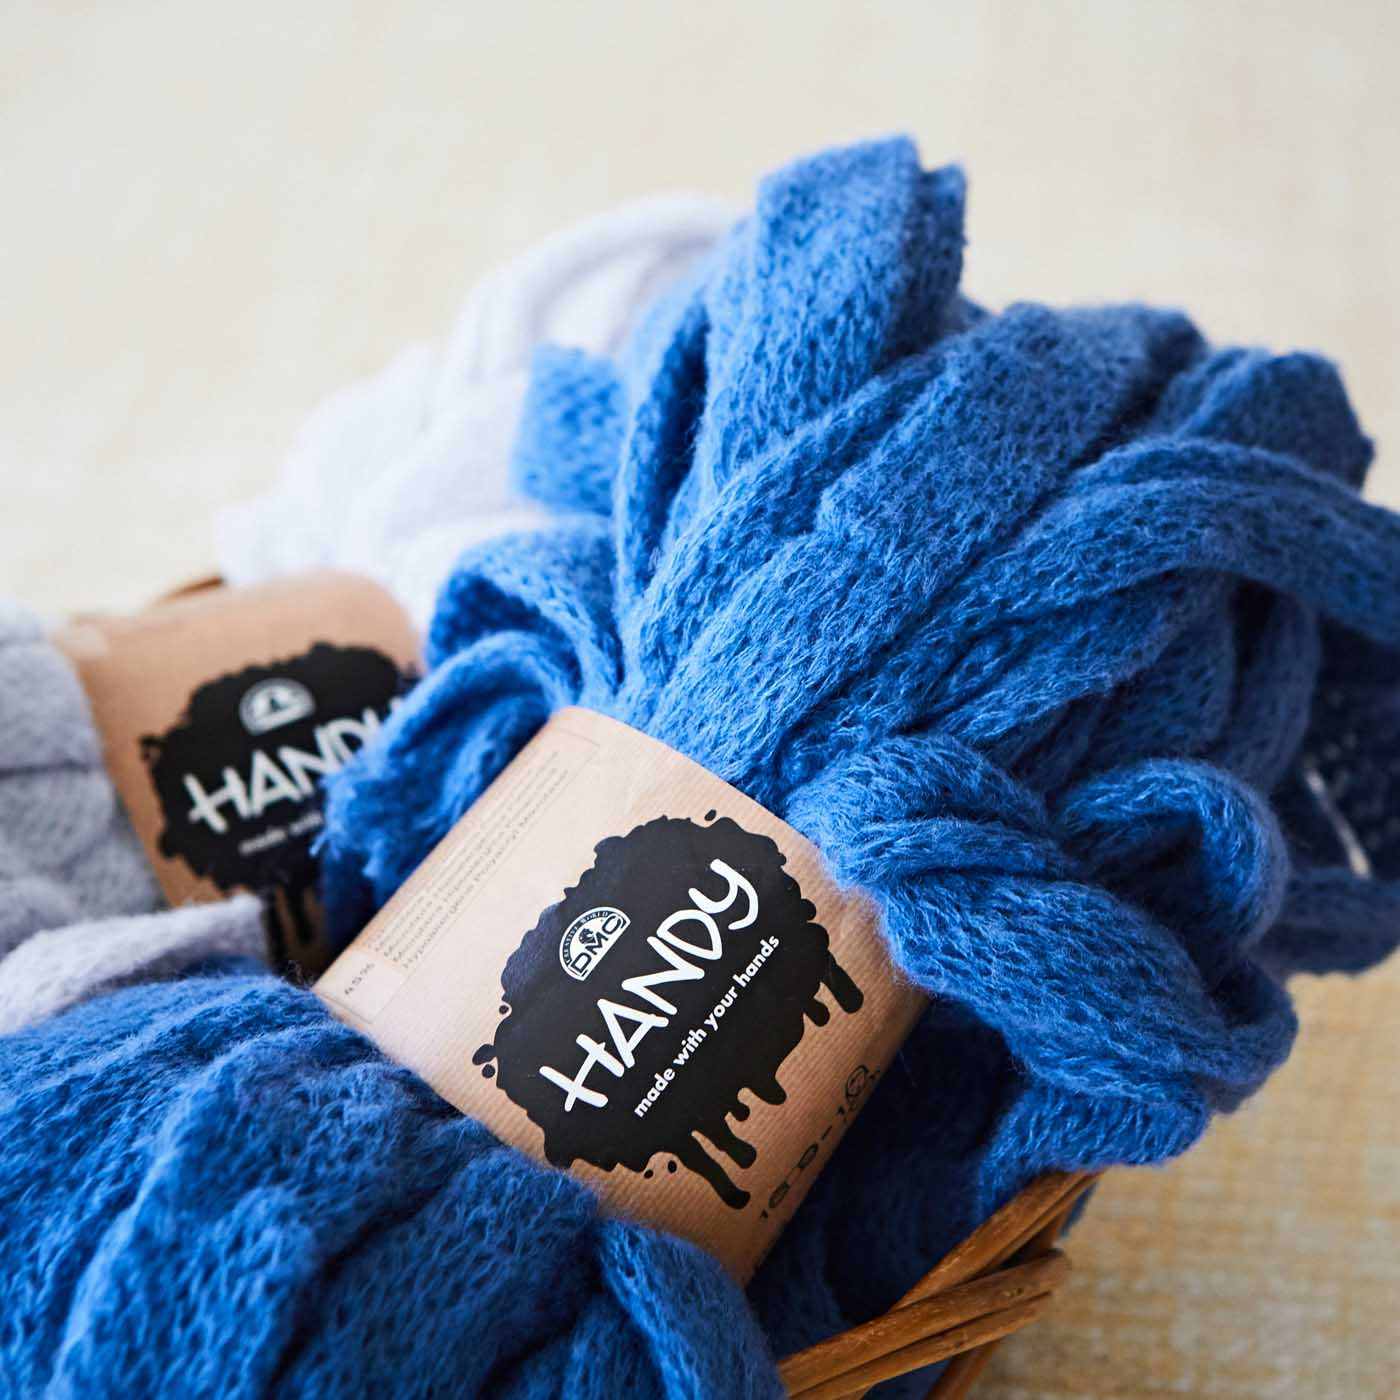 細い糸をチューブ状に編んだユニークな素材。空気を含んでふわっと軽く、あたたかい仕上がりに。